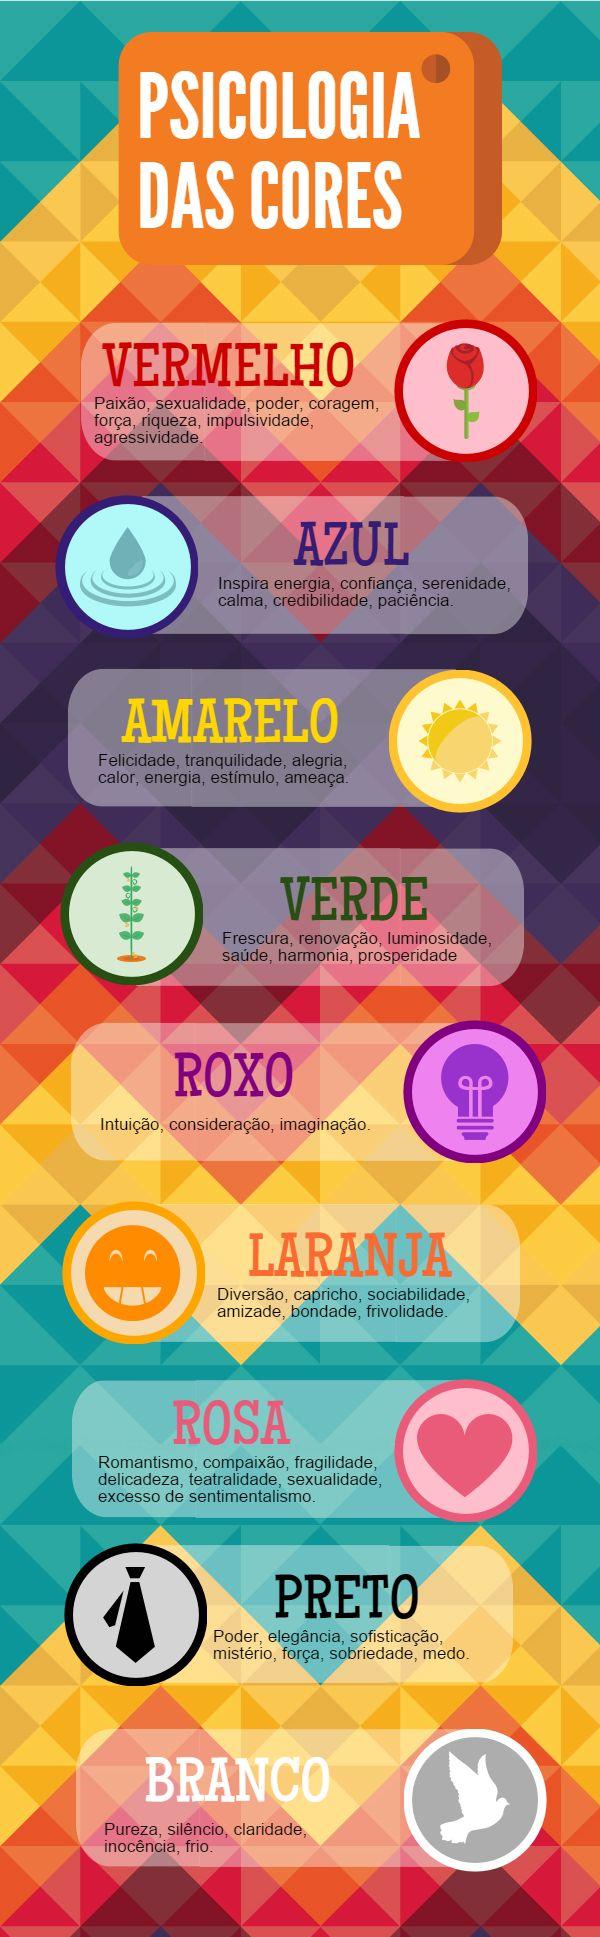 psicologia das cores…